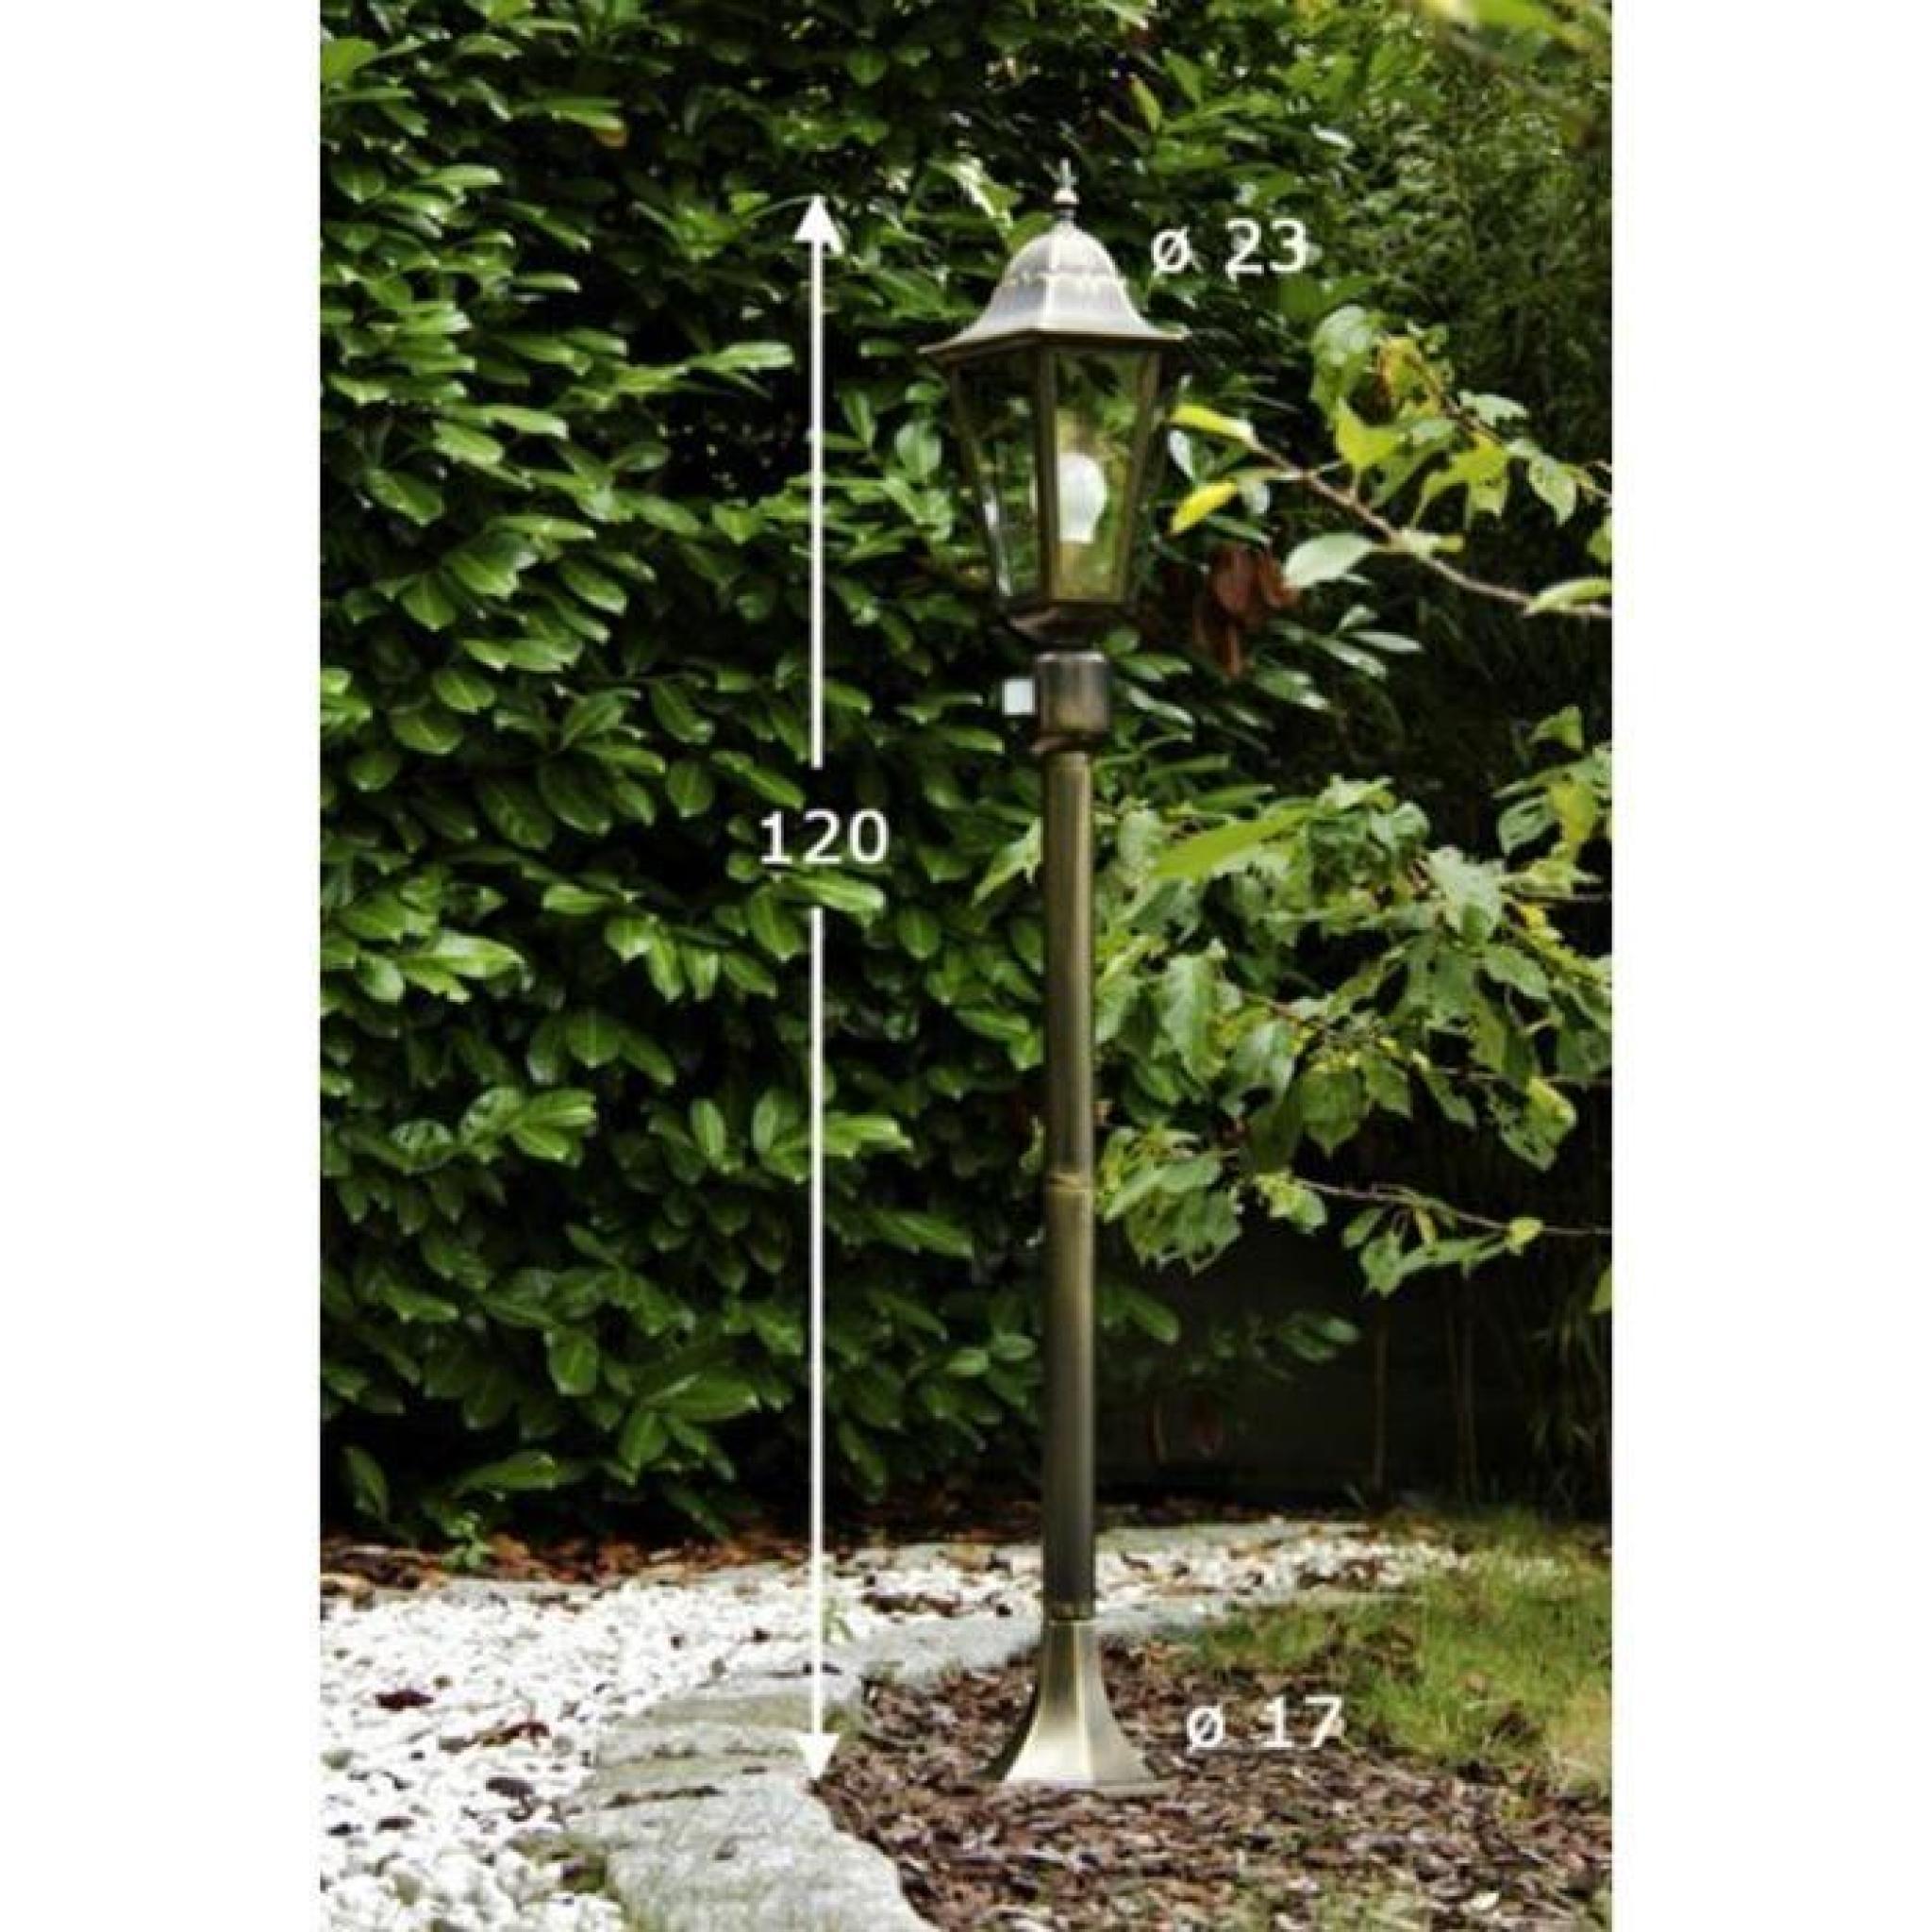 Lampadaire Extérieur Lampe Sur Pied Détecteur De Mouvement Lampe De Jardin concernant Lampadaire De Jardin Pas Cher